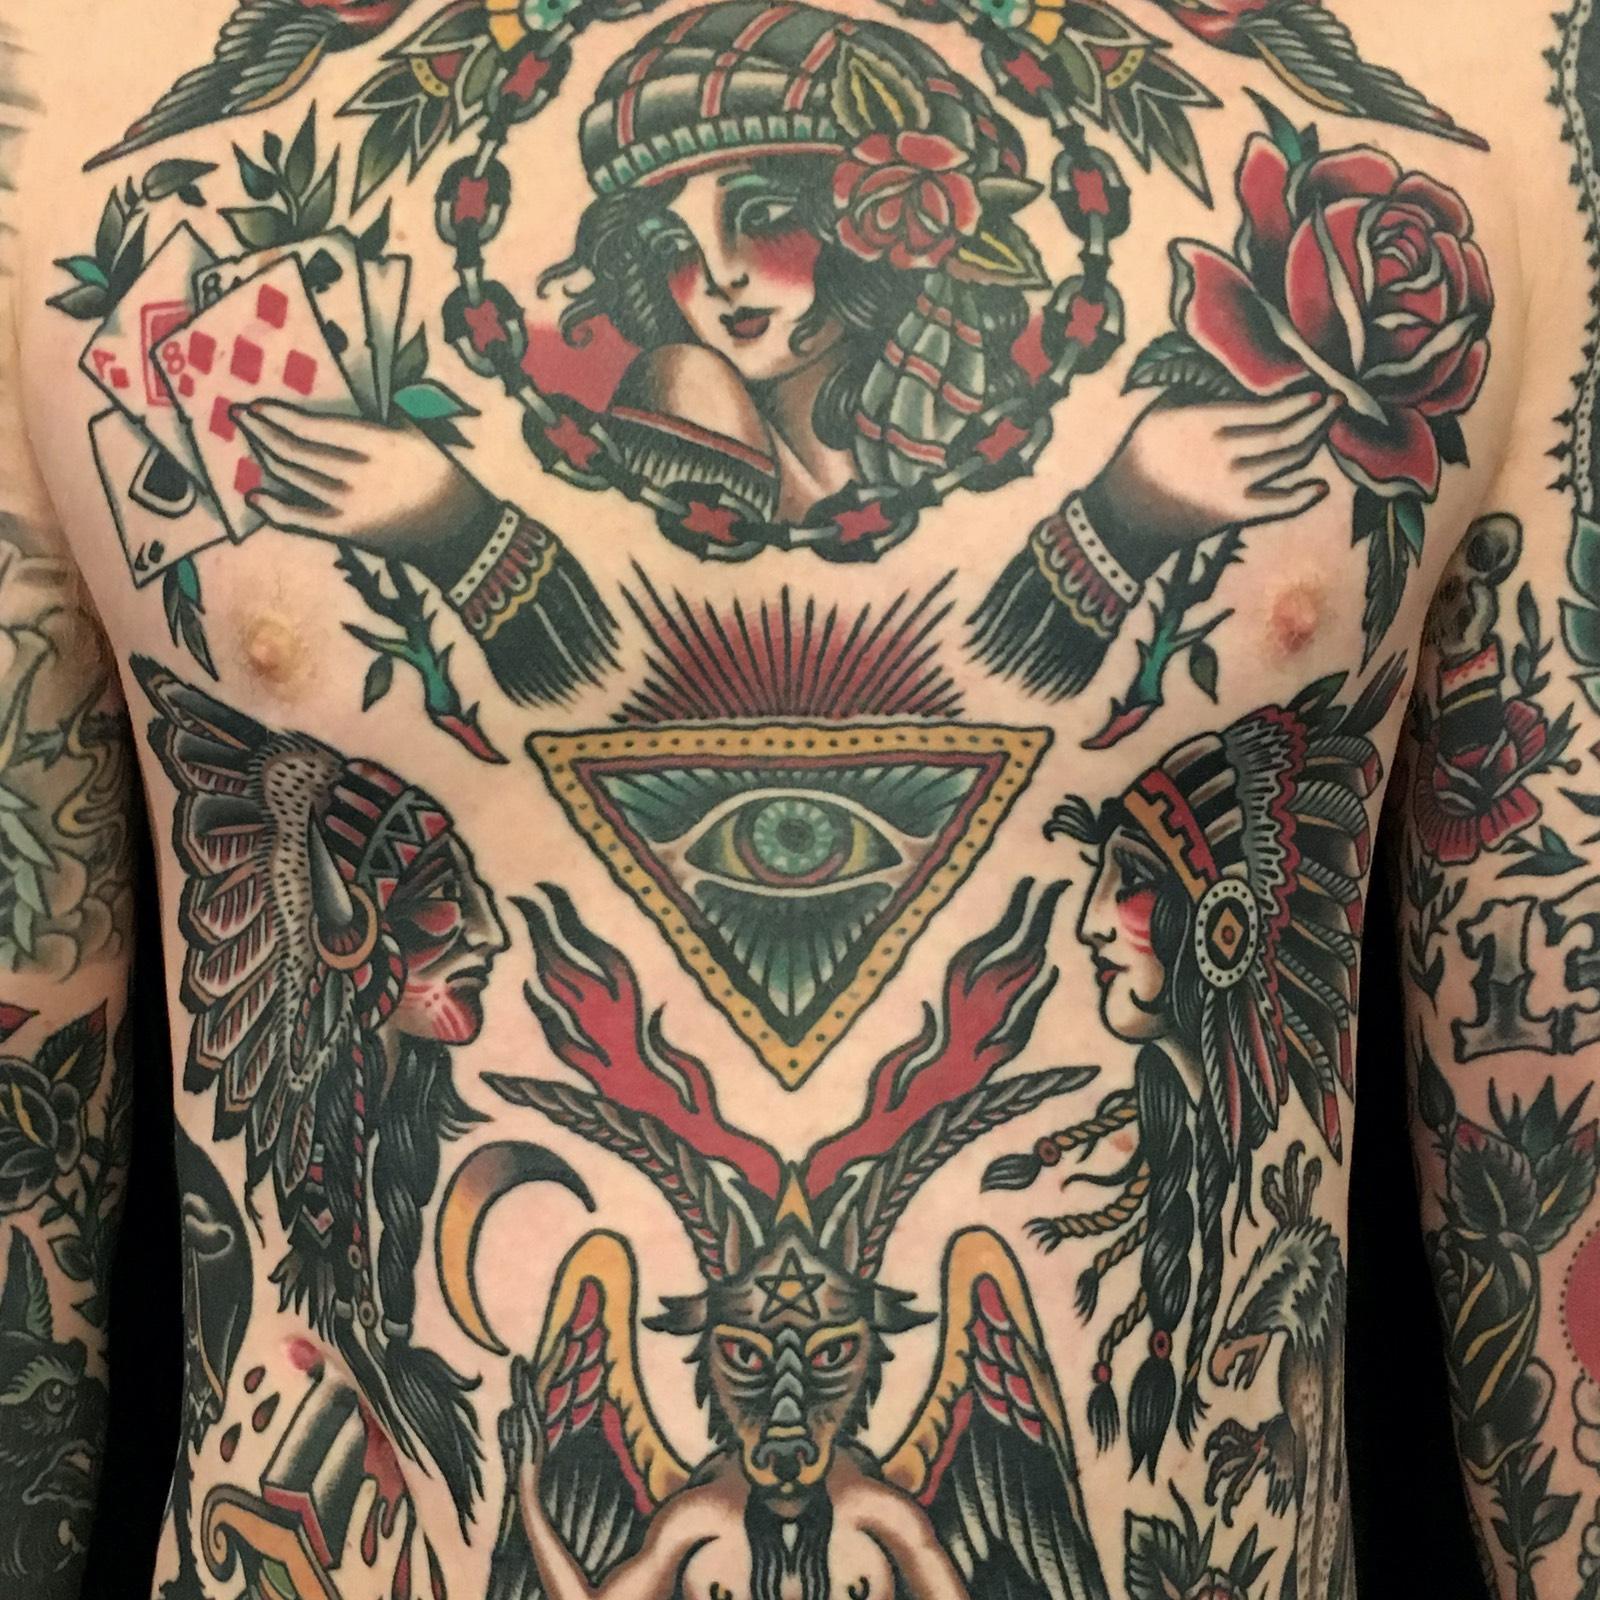 Paul-Dobleman-black-heart-tattoo-4-2020